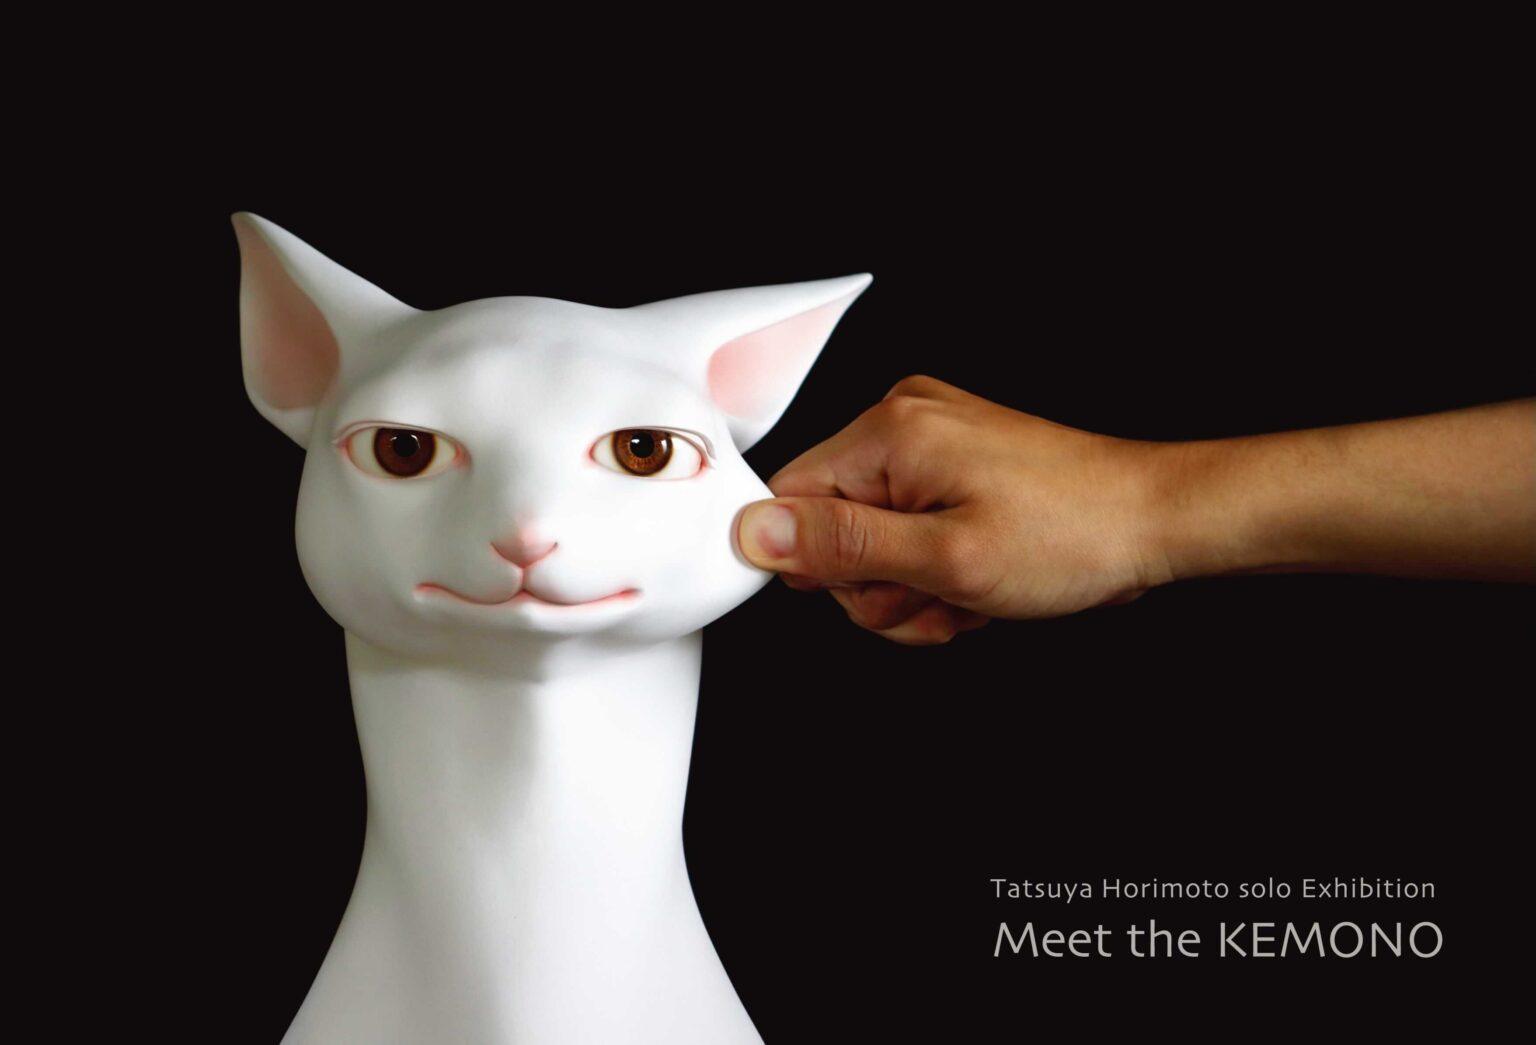 堀本 達矢個展「Meet the KEMONO」